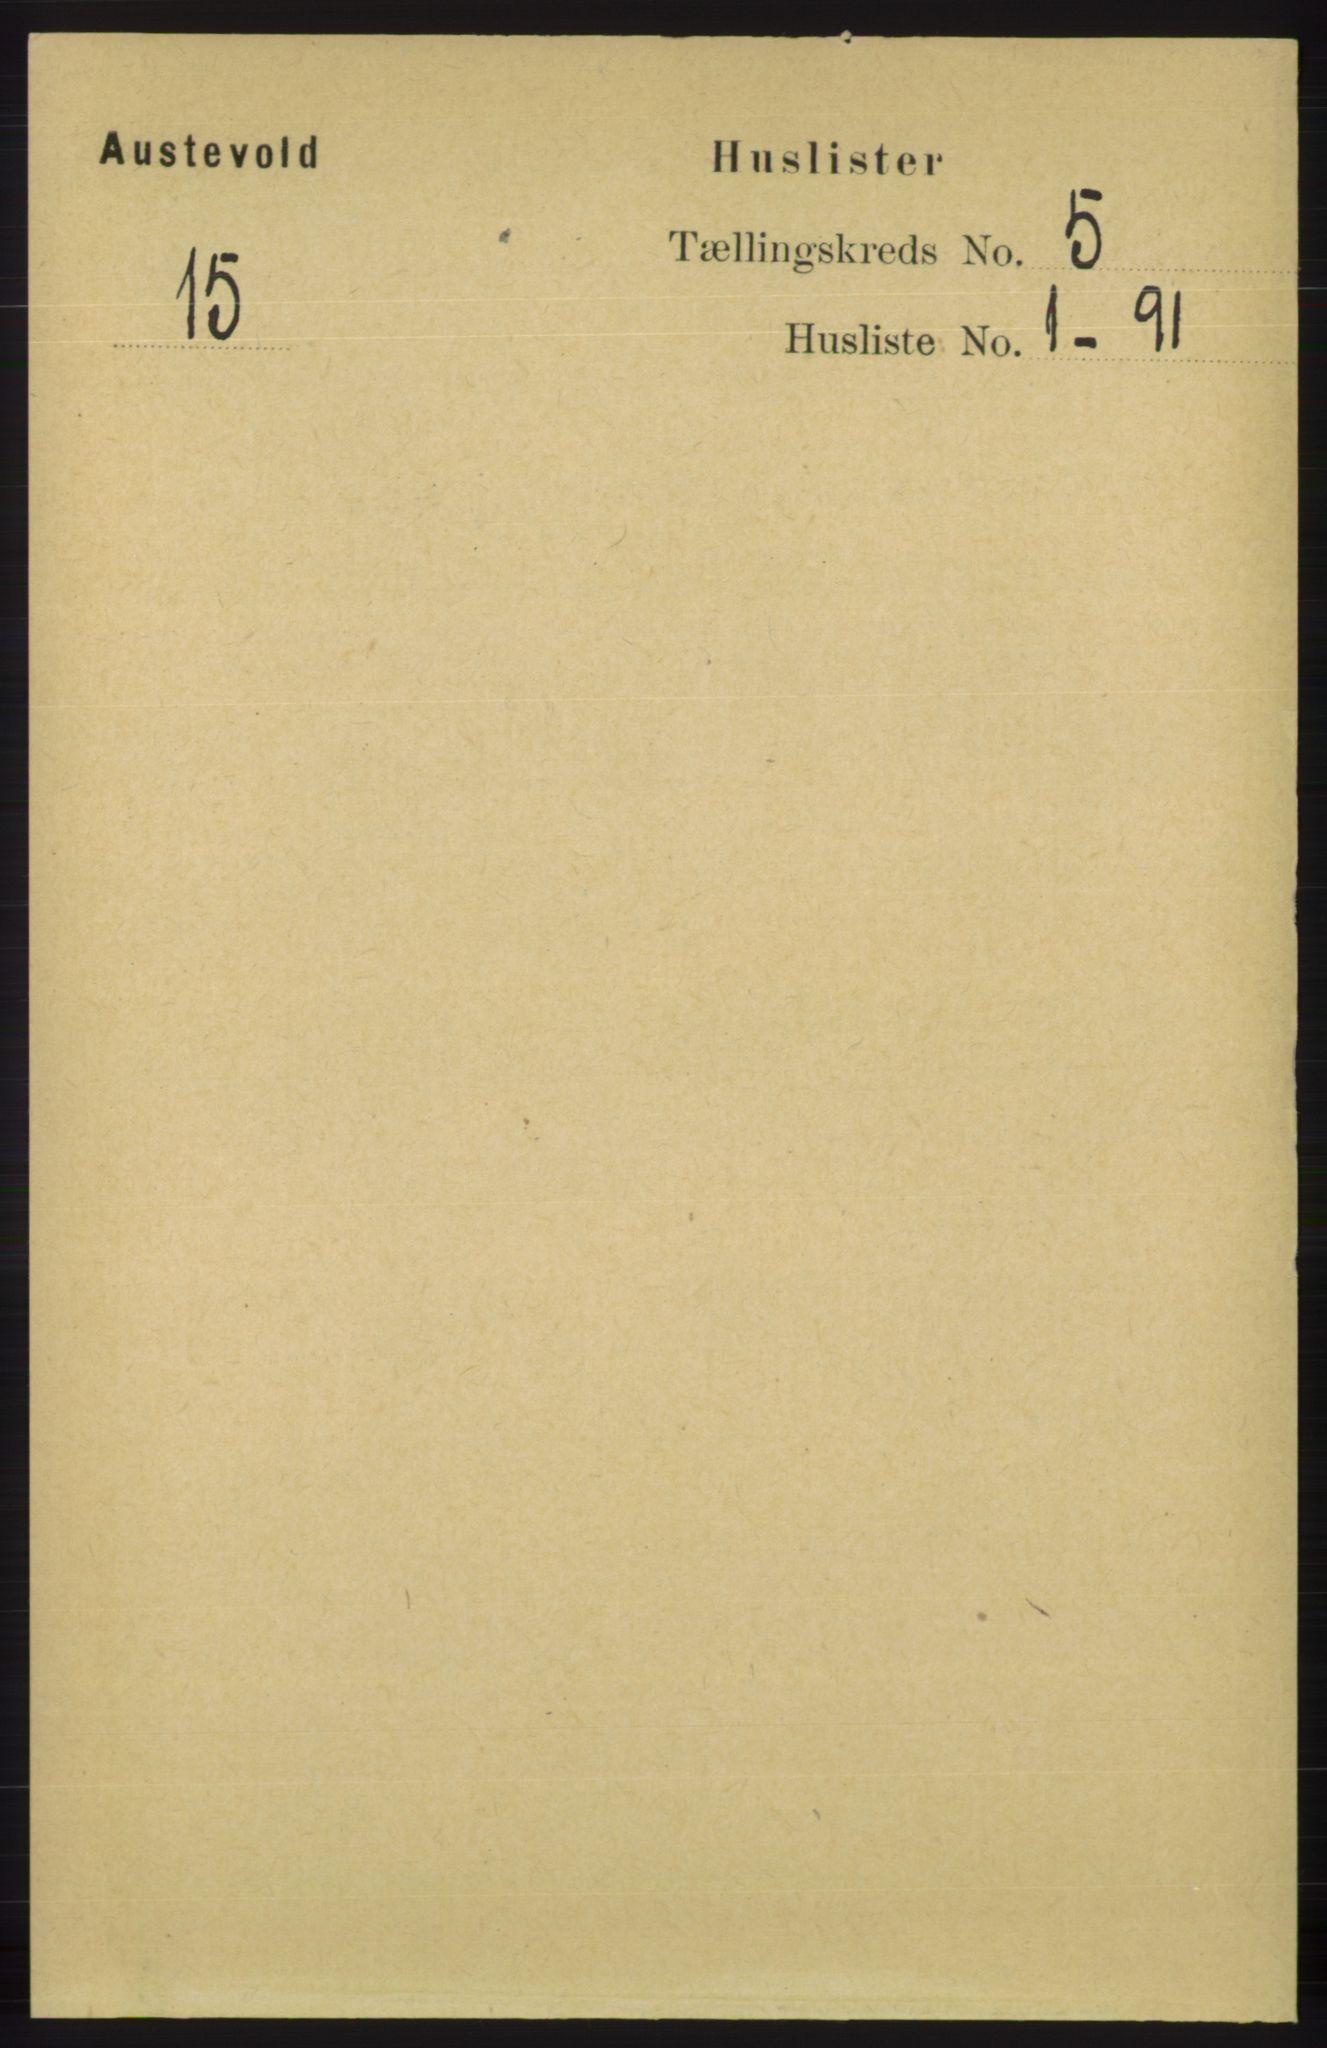 RA, Folketelling 1891 for 1244 Austevoll herred, 1891, s. 1910